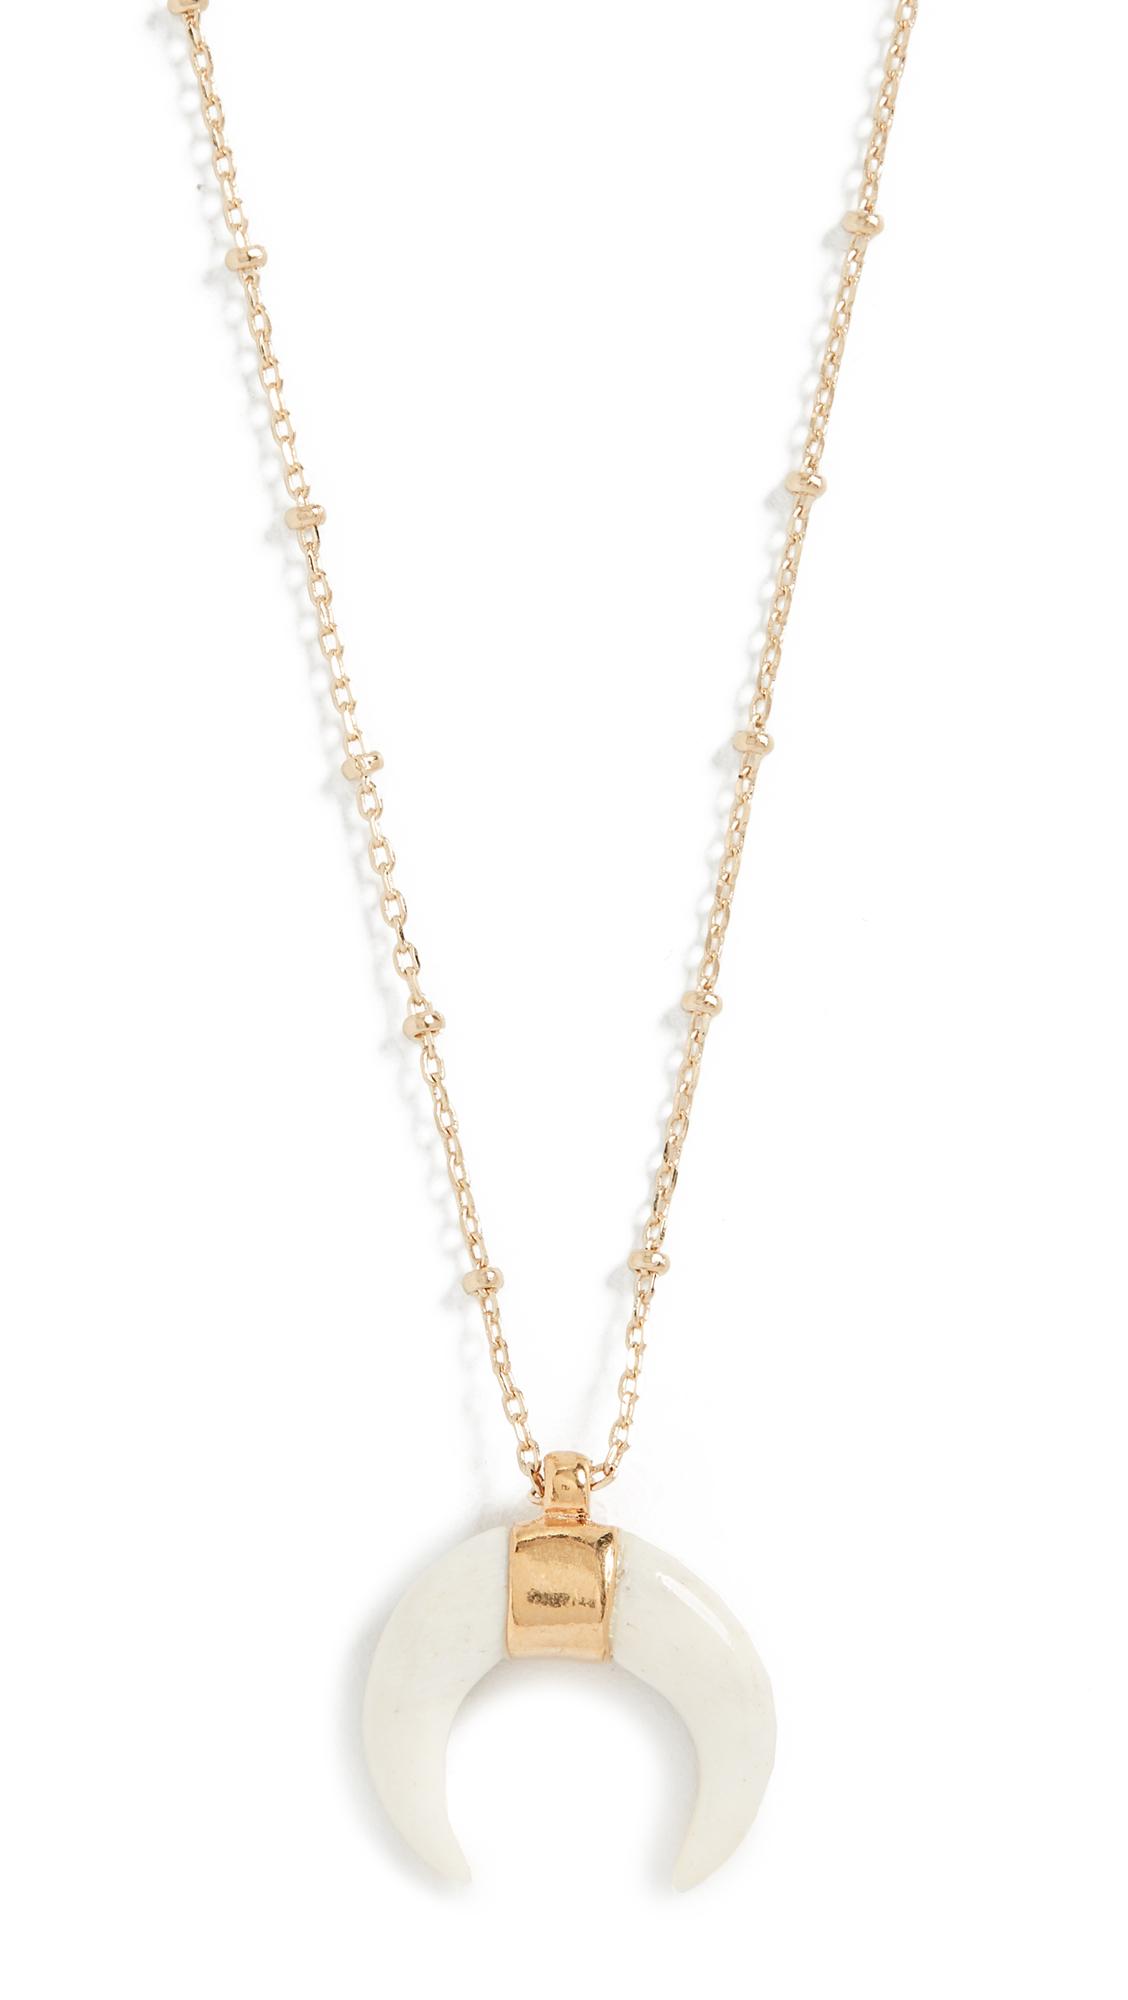 Isabel Marant Zanzibar Small Necklace